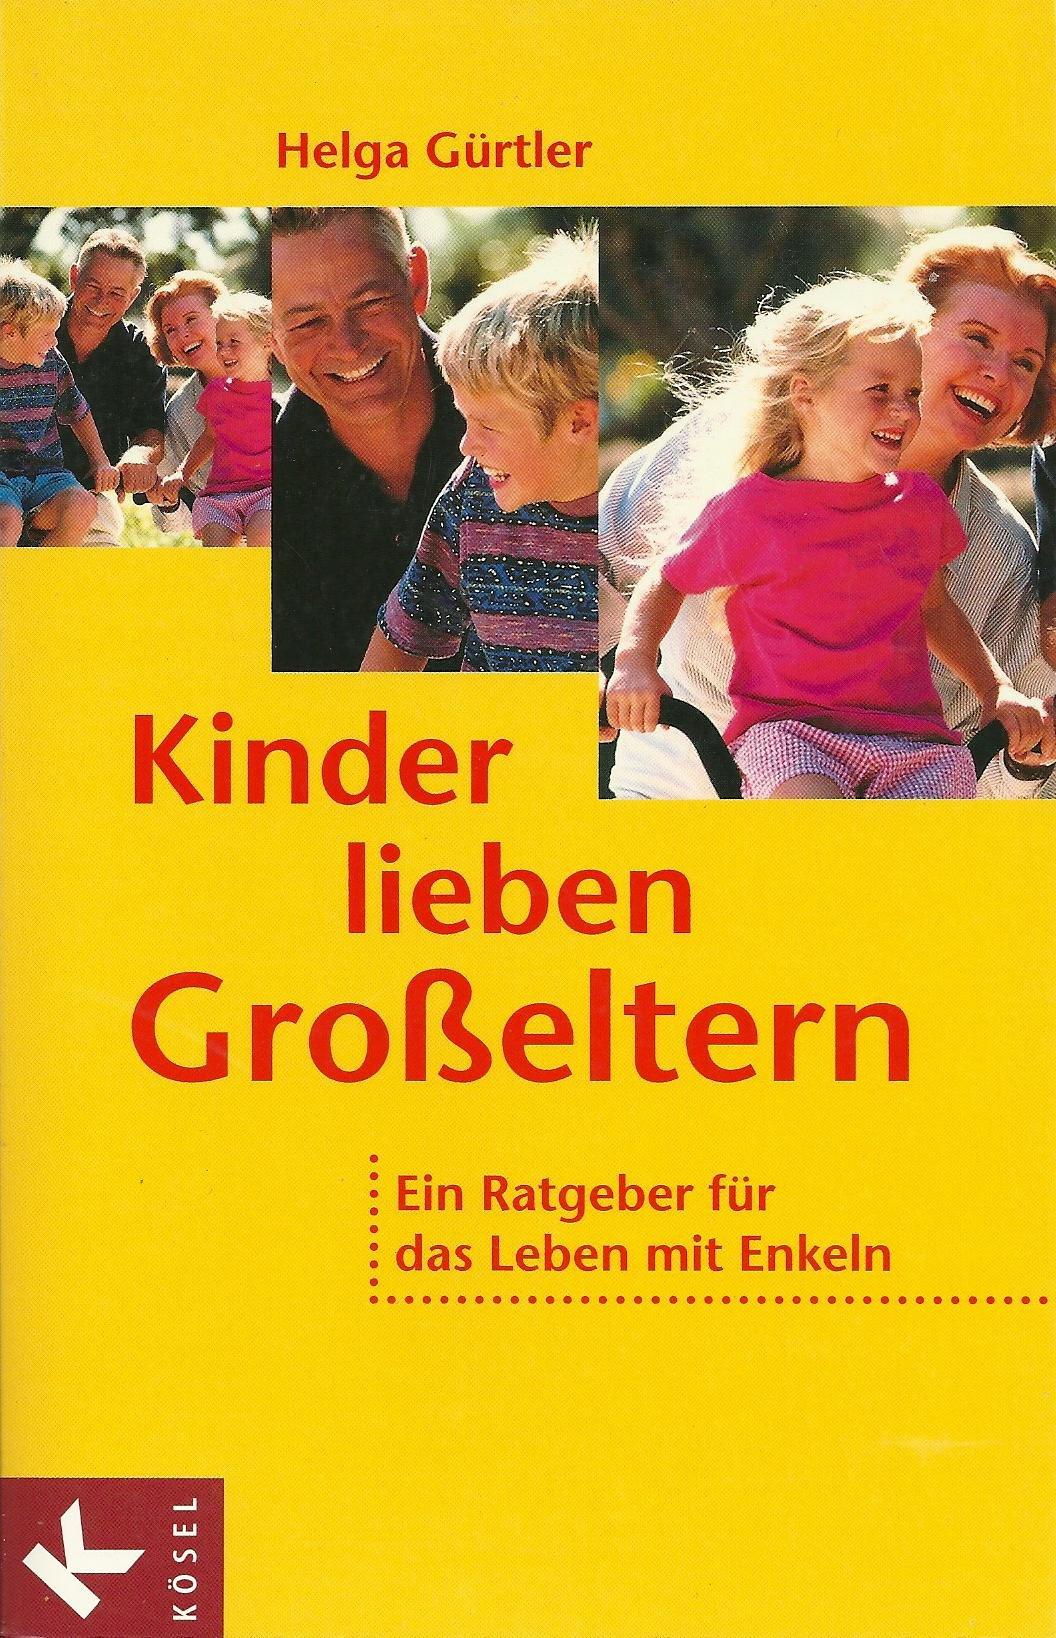 Kinder lieben Großeltern: Ein Ratgeber für das Leben mit Enkeln